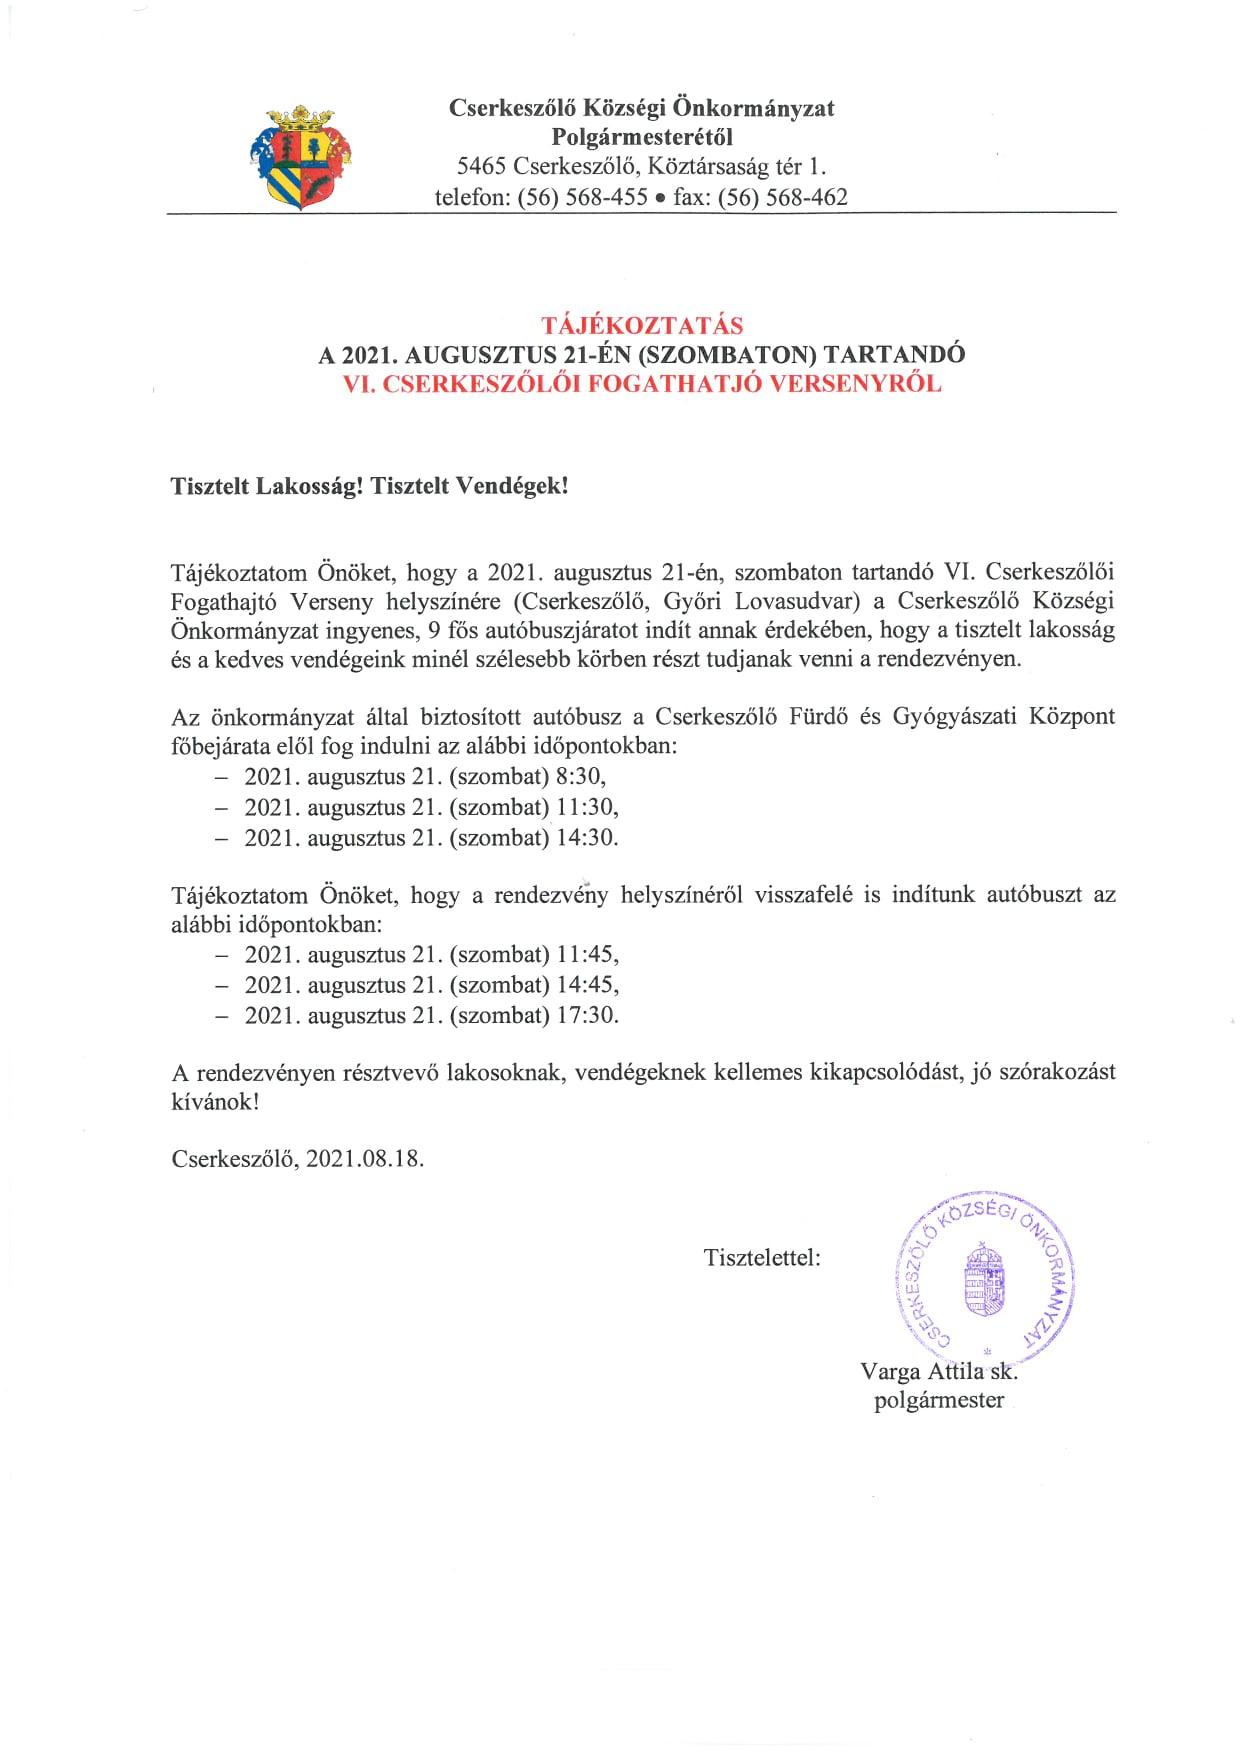 Tájékoztatás a VI. CSERKESZŐLŐI FOGATHAJTÓ VERSENYRŐL